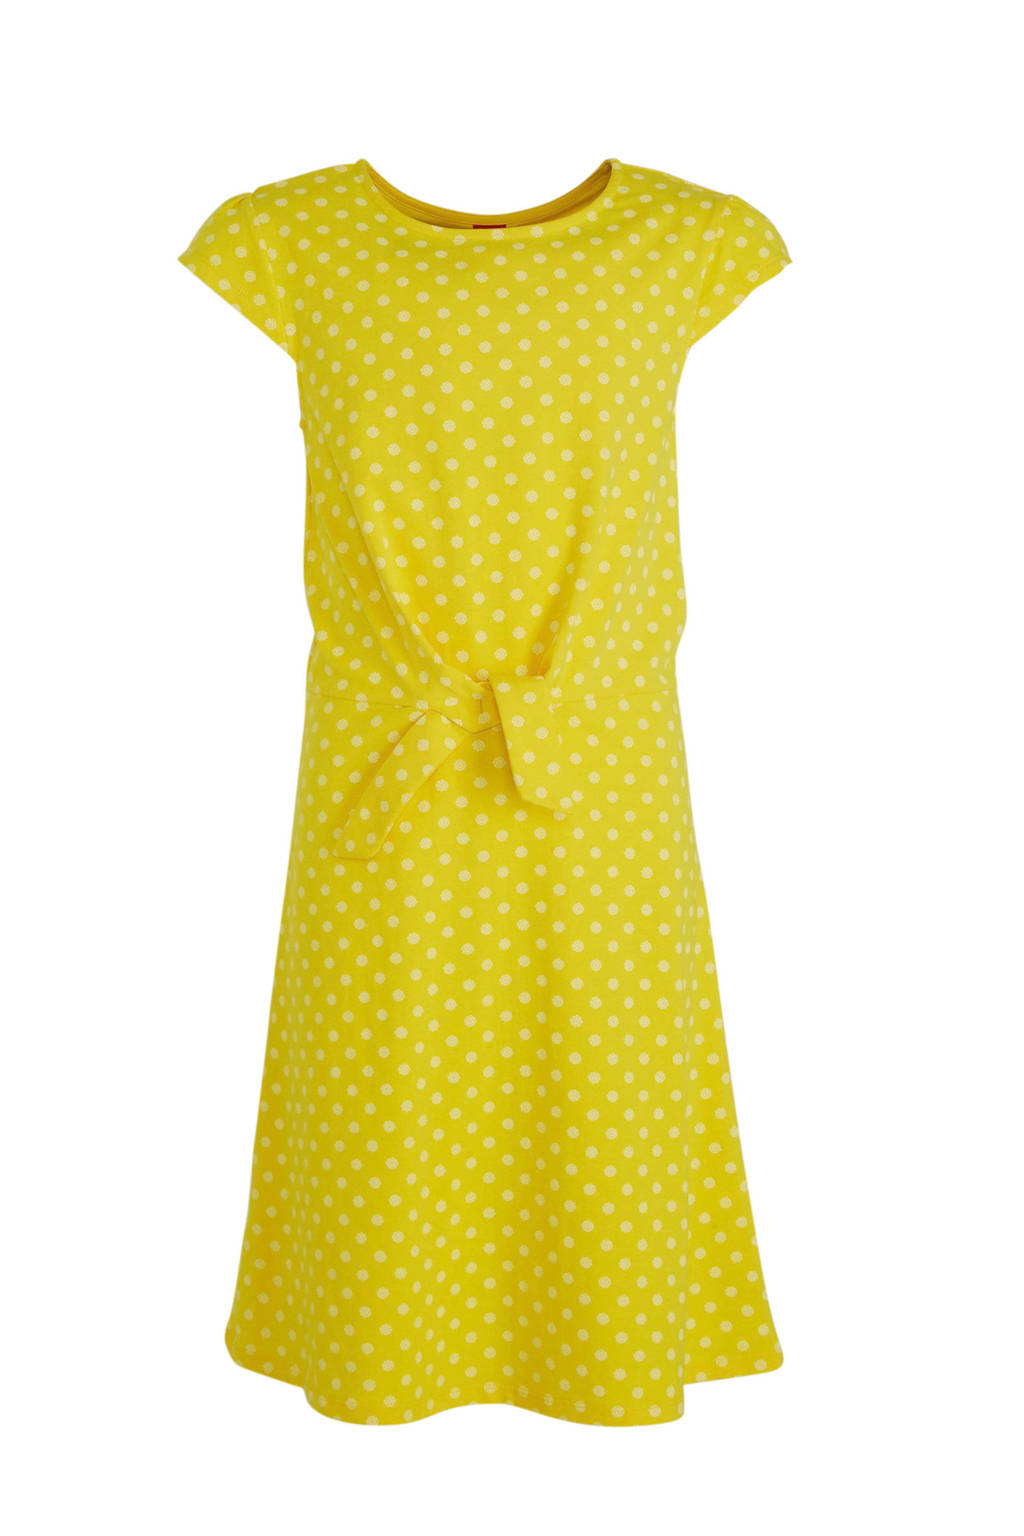 s.Oliver jersey jurk met stippen geel, Geel